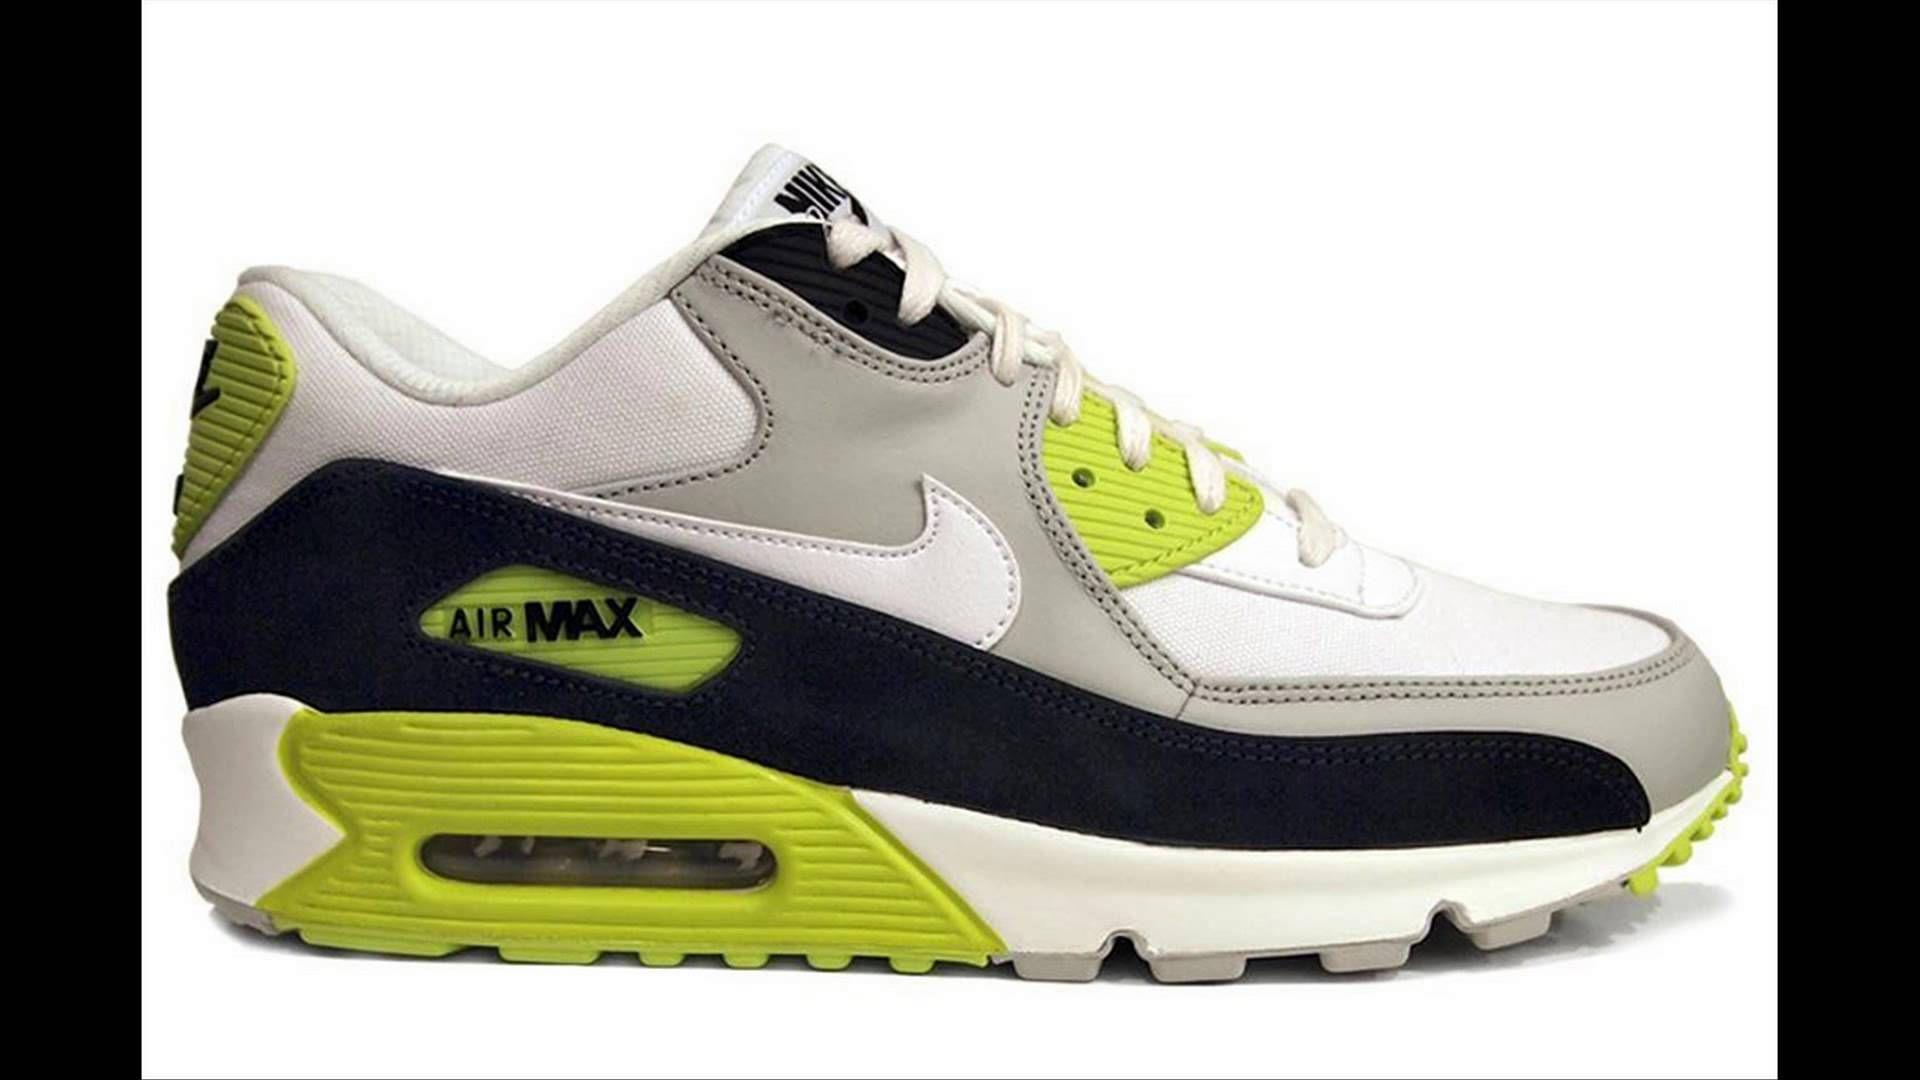 new style 4df67 6bb53 ... air max flyknit korayspor ... nike koşu ayakkabısı fiyatları http kosu.korayspor.comnike- ...